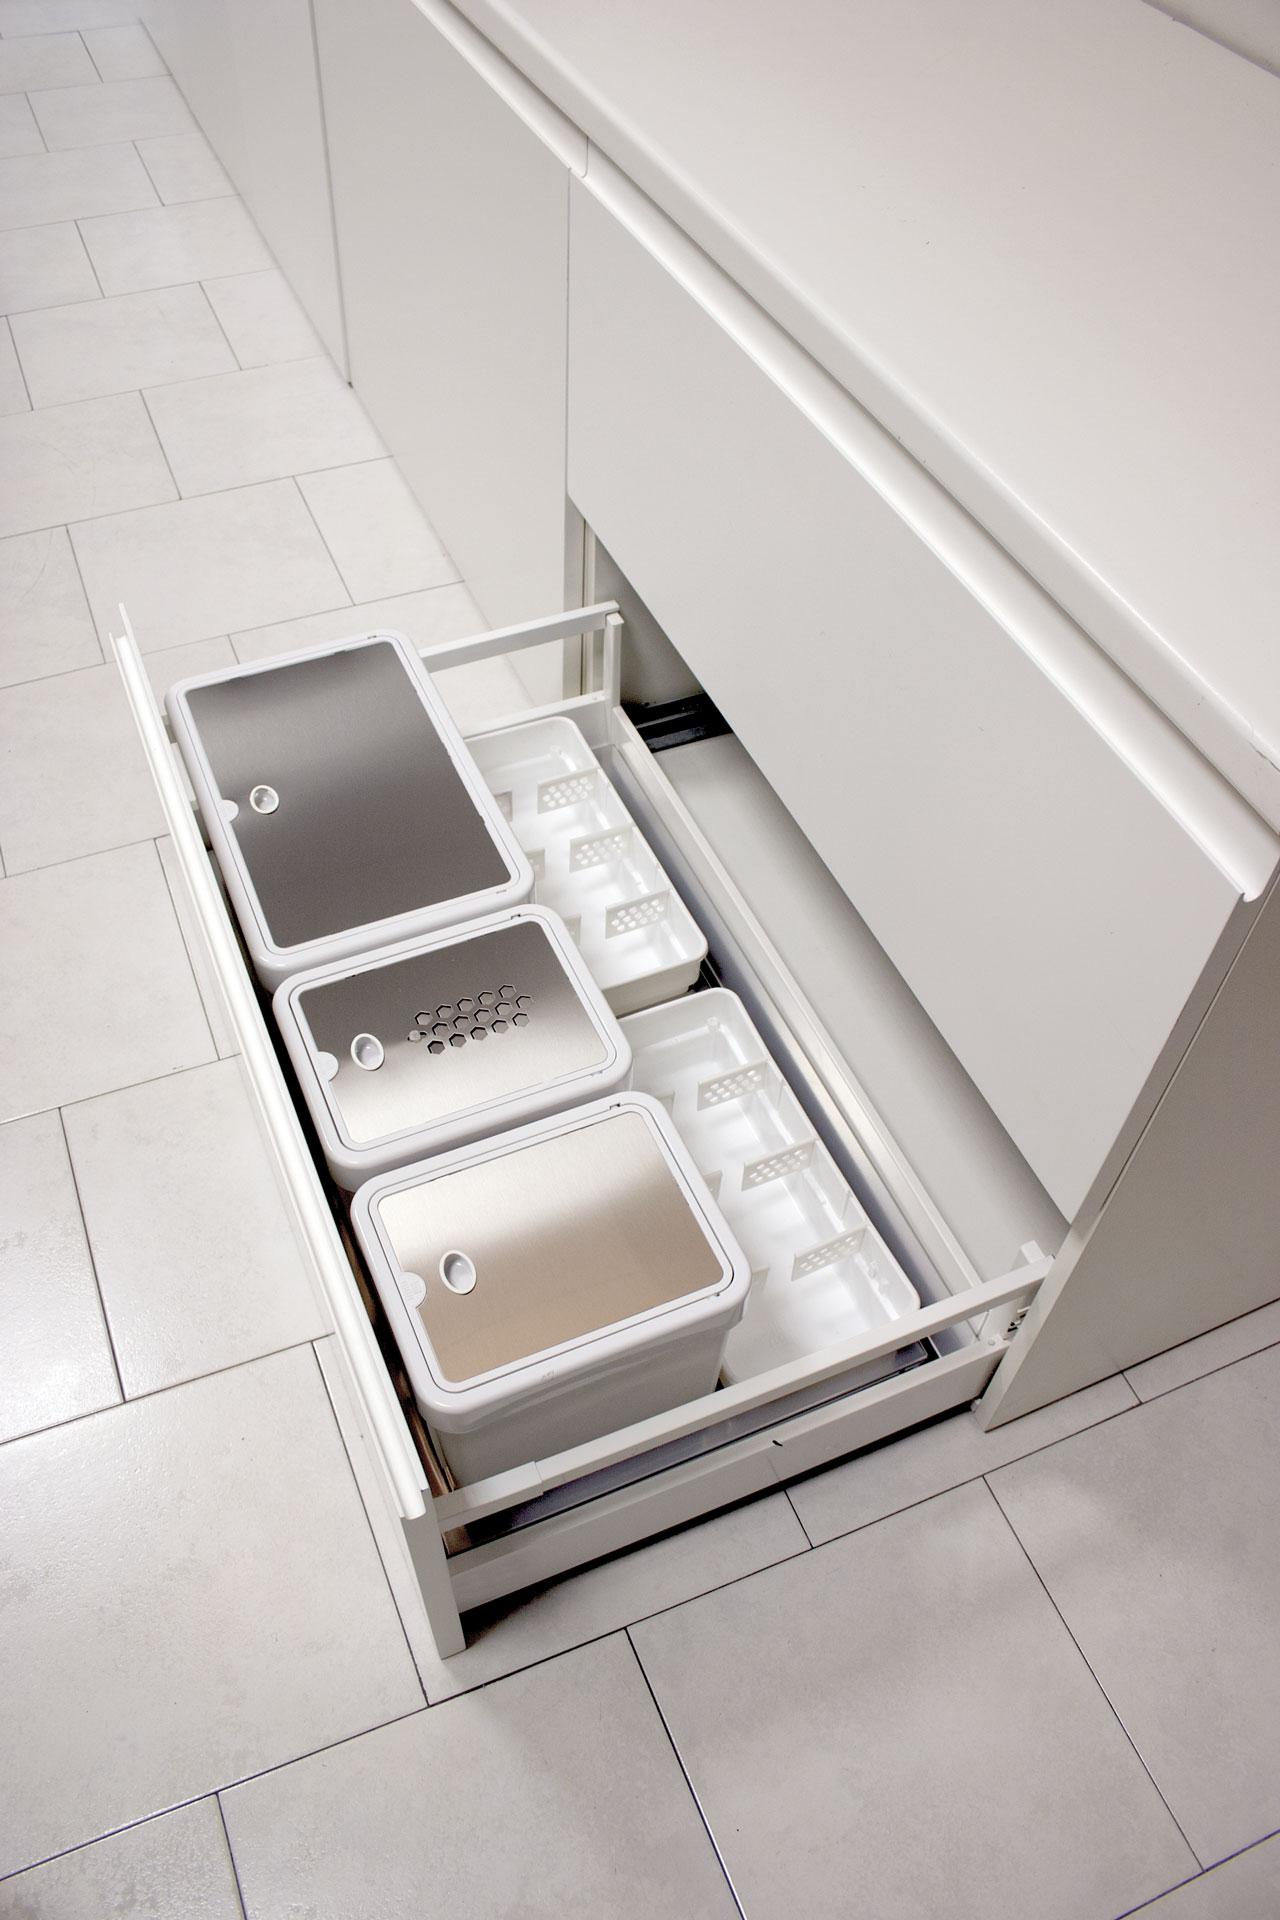 Gi60xb00 E Essetre Srl Accessori E Componenti Per Cucine